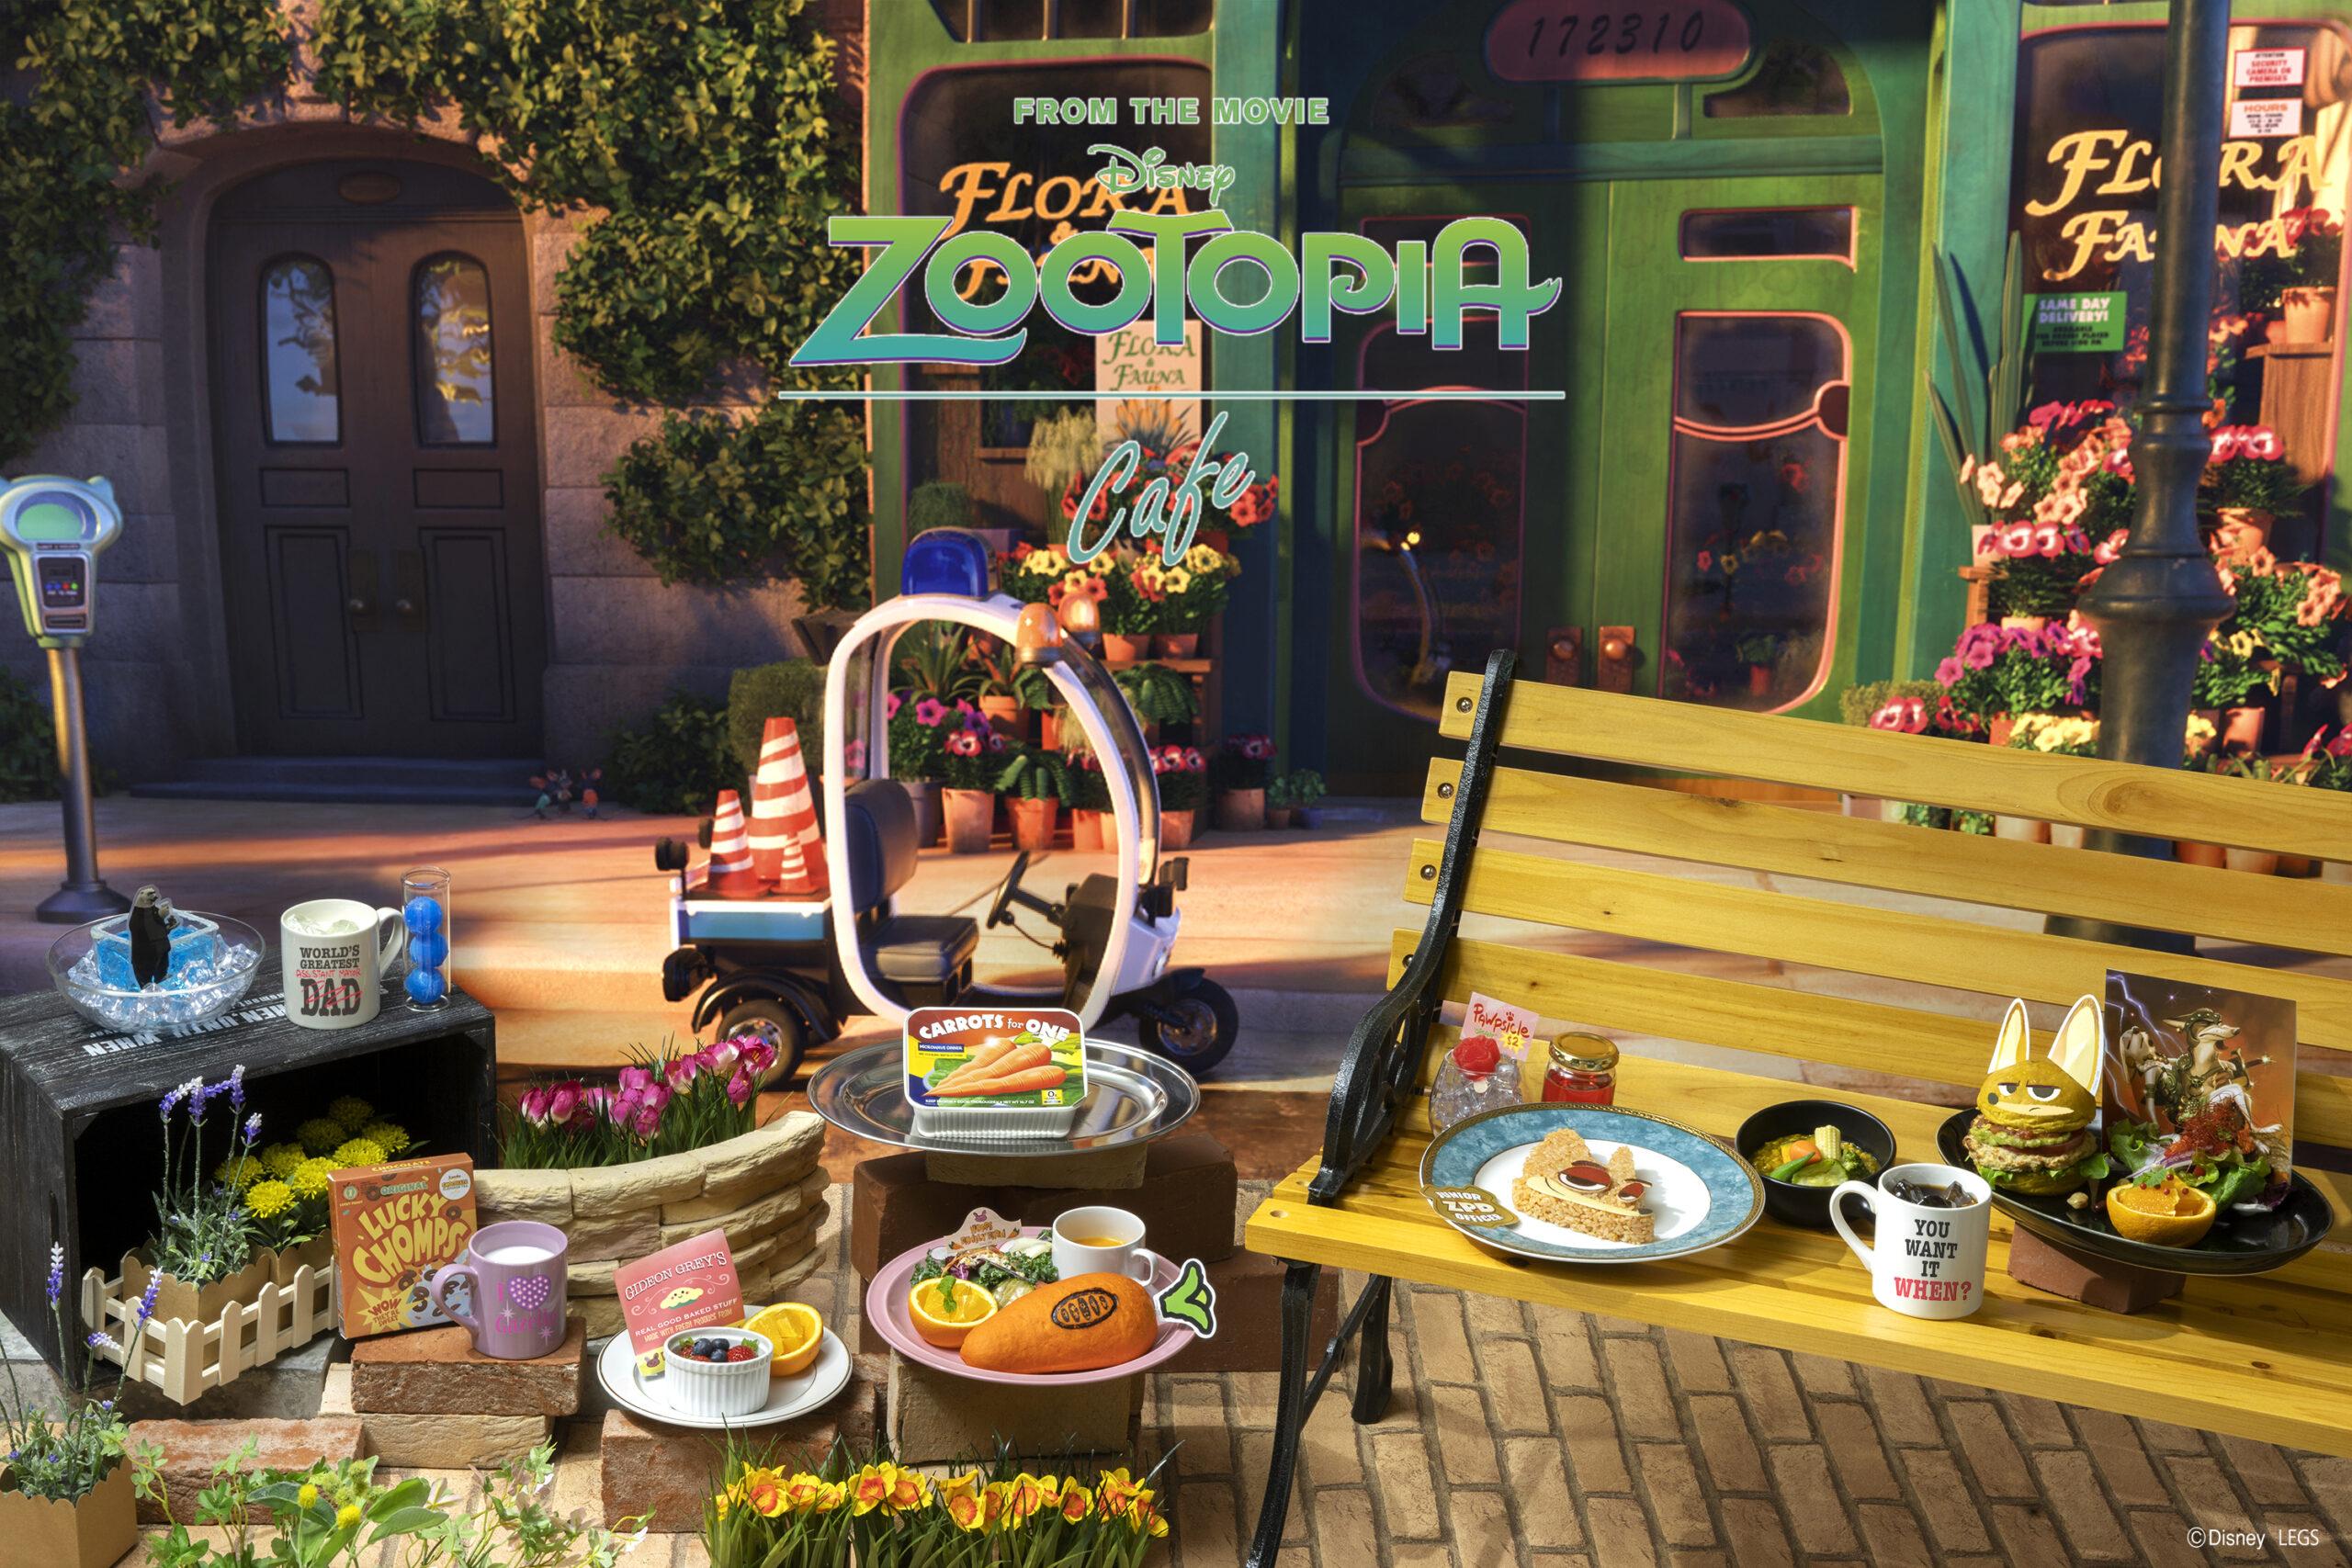 ディズニー映画『ズートピア』5周年を記念したスペシャルカフェが大阪・心斎橋に6月26日より期間限定オープン